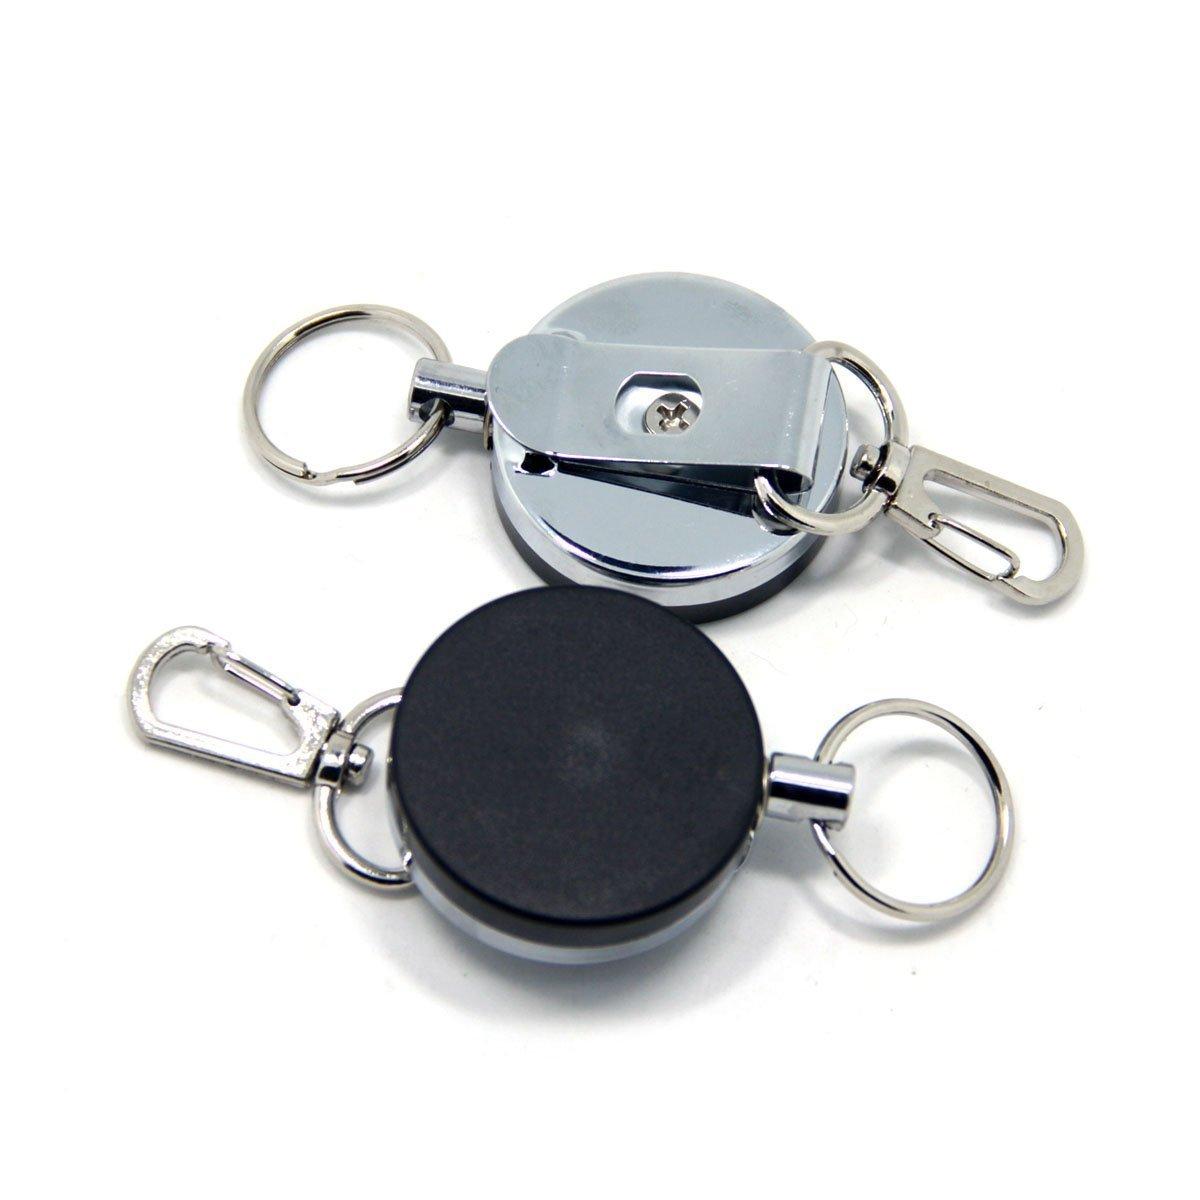 topind Angeln Zinger Retractor G/ürtelclip R/ückseite mit Edelstahl Kabel Metall Einklappbare Schl/üssel Kette von 2/Pcs